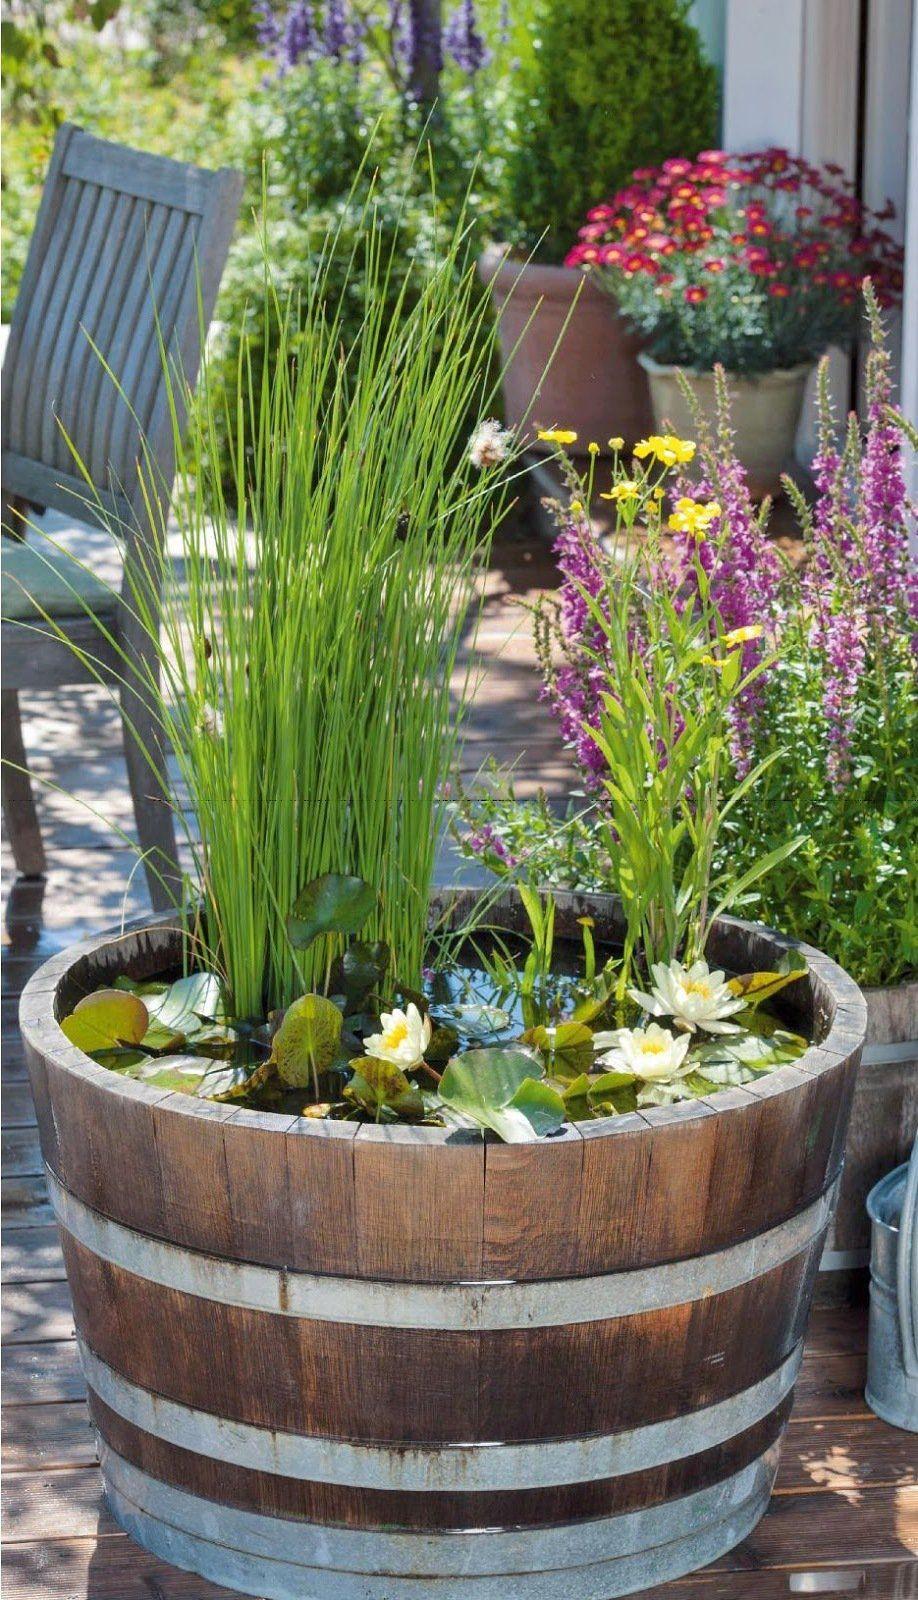 Mini Garten Selber Machen Schön Diy Mini Teich Im topf Und Noch Viele tolle Gartenideen Für